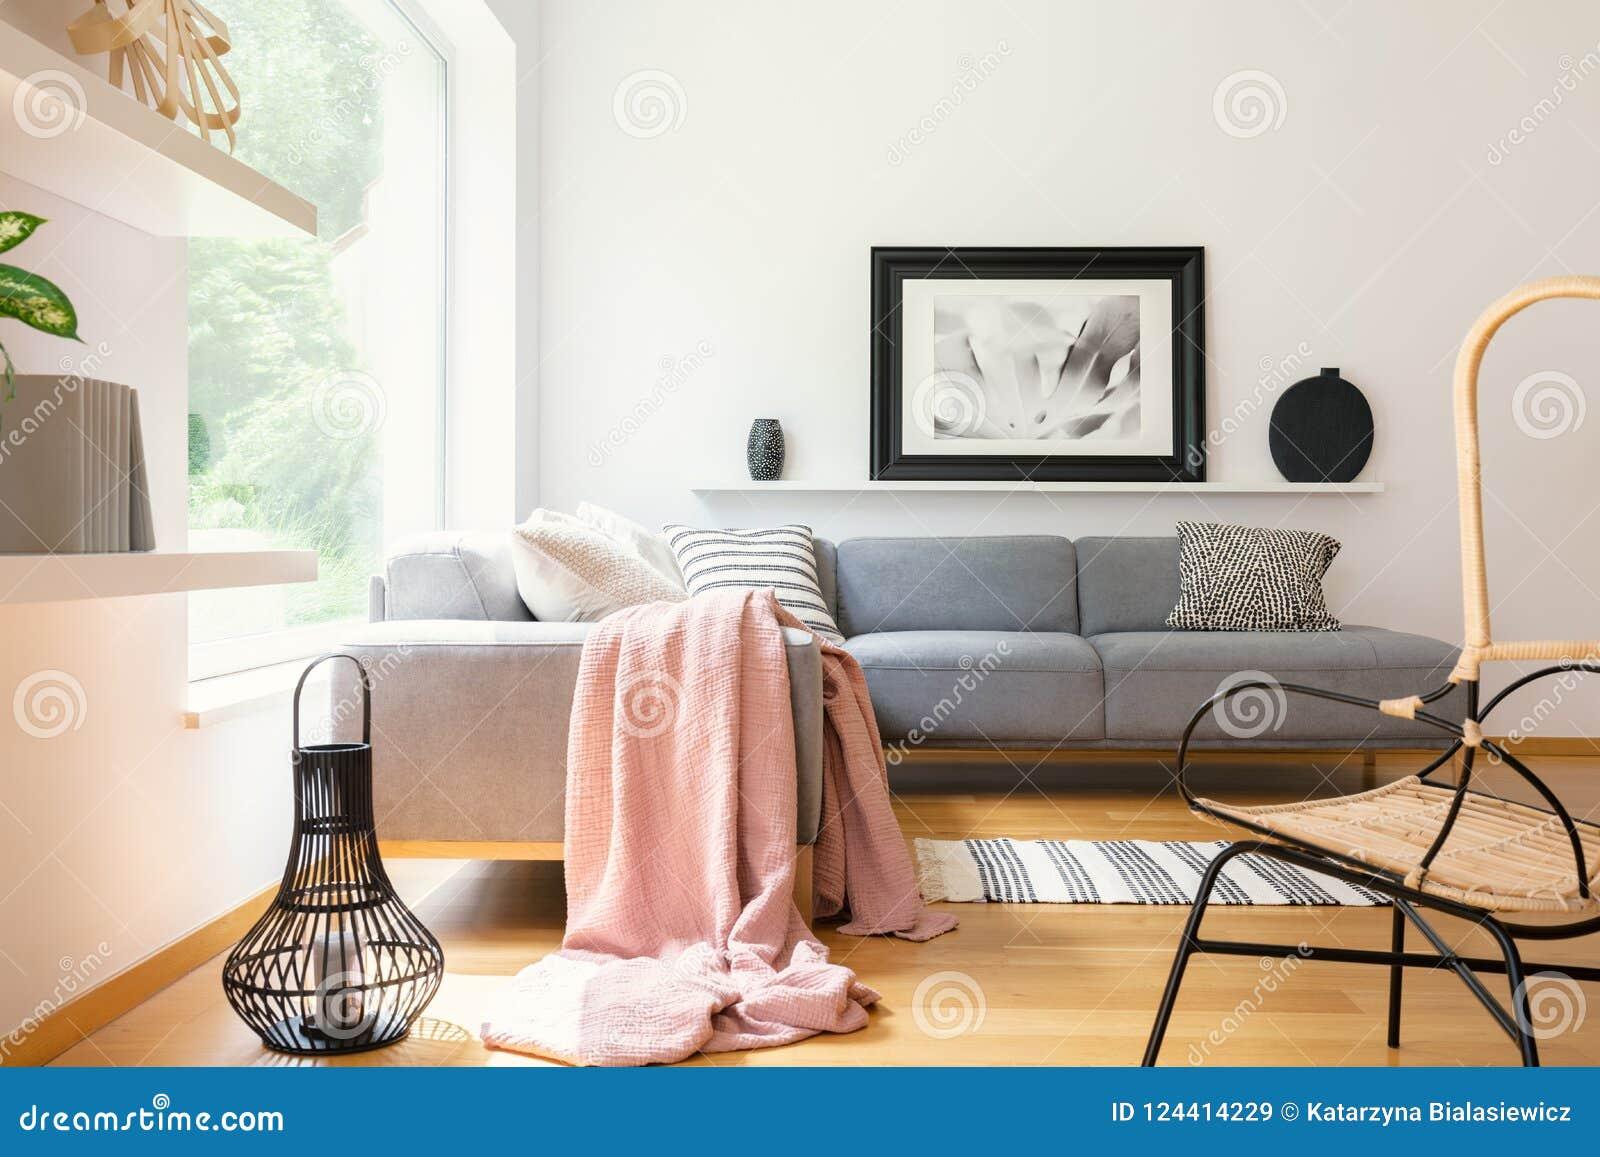 Couverture de rose en pastel jetée sur le divan faisant le coin se tenant dans l intérieur blanc de salon avec l affiche simple,